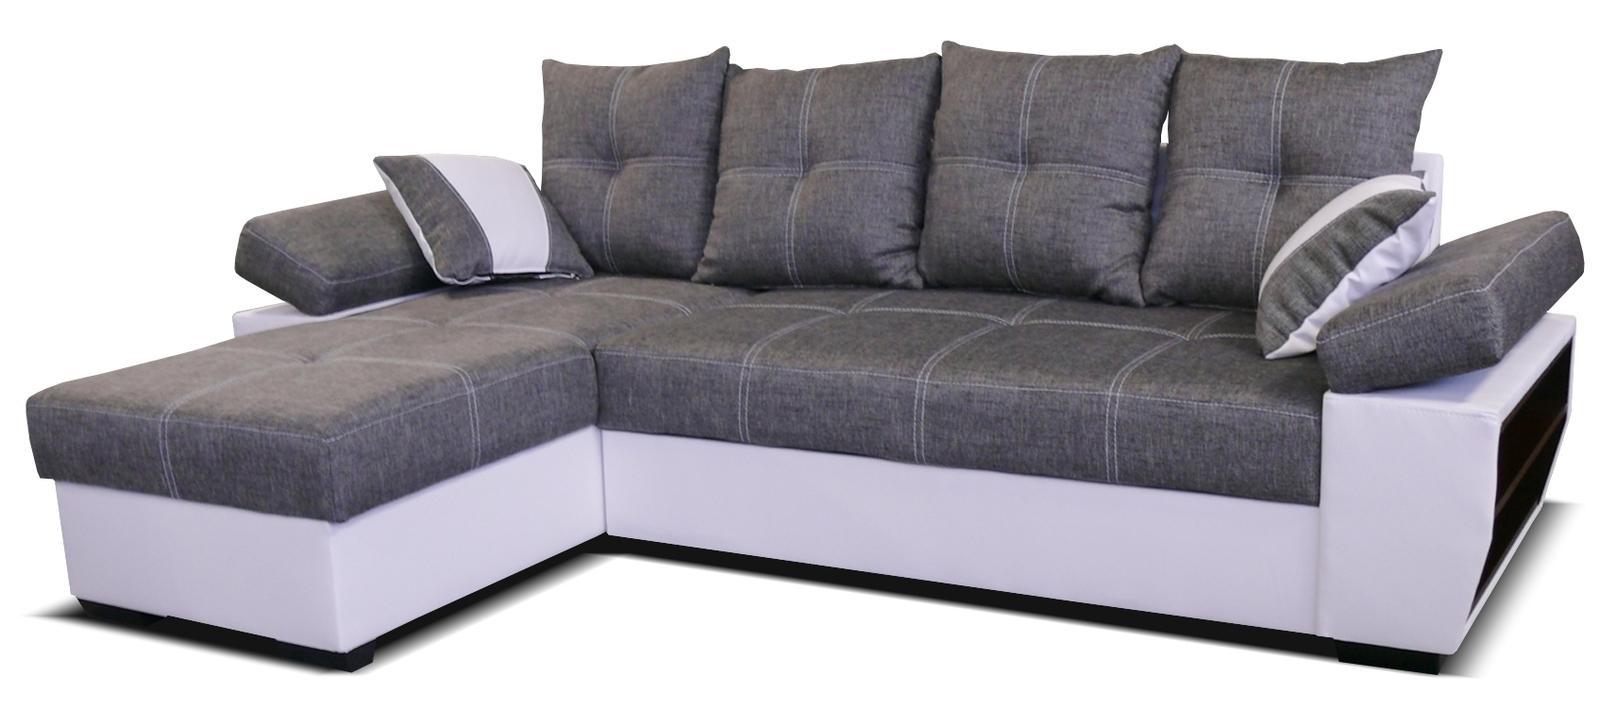 Rohová sedací souprava - Po-Sed - Viena L+2F (L) bílá + šedá